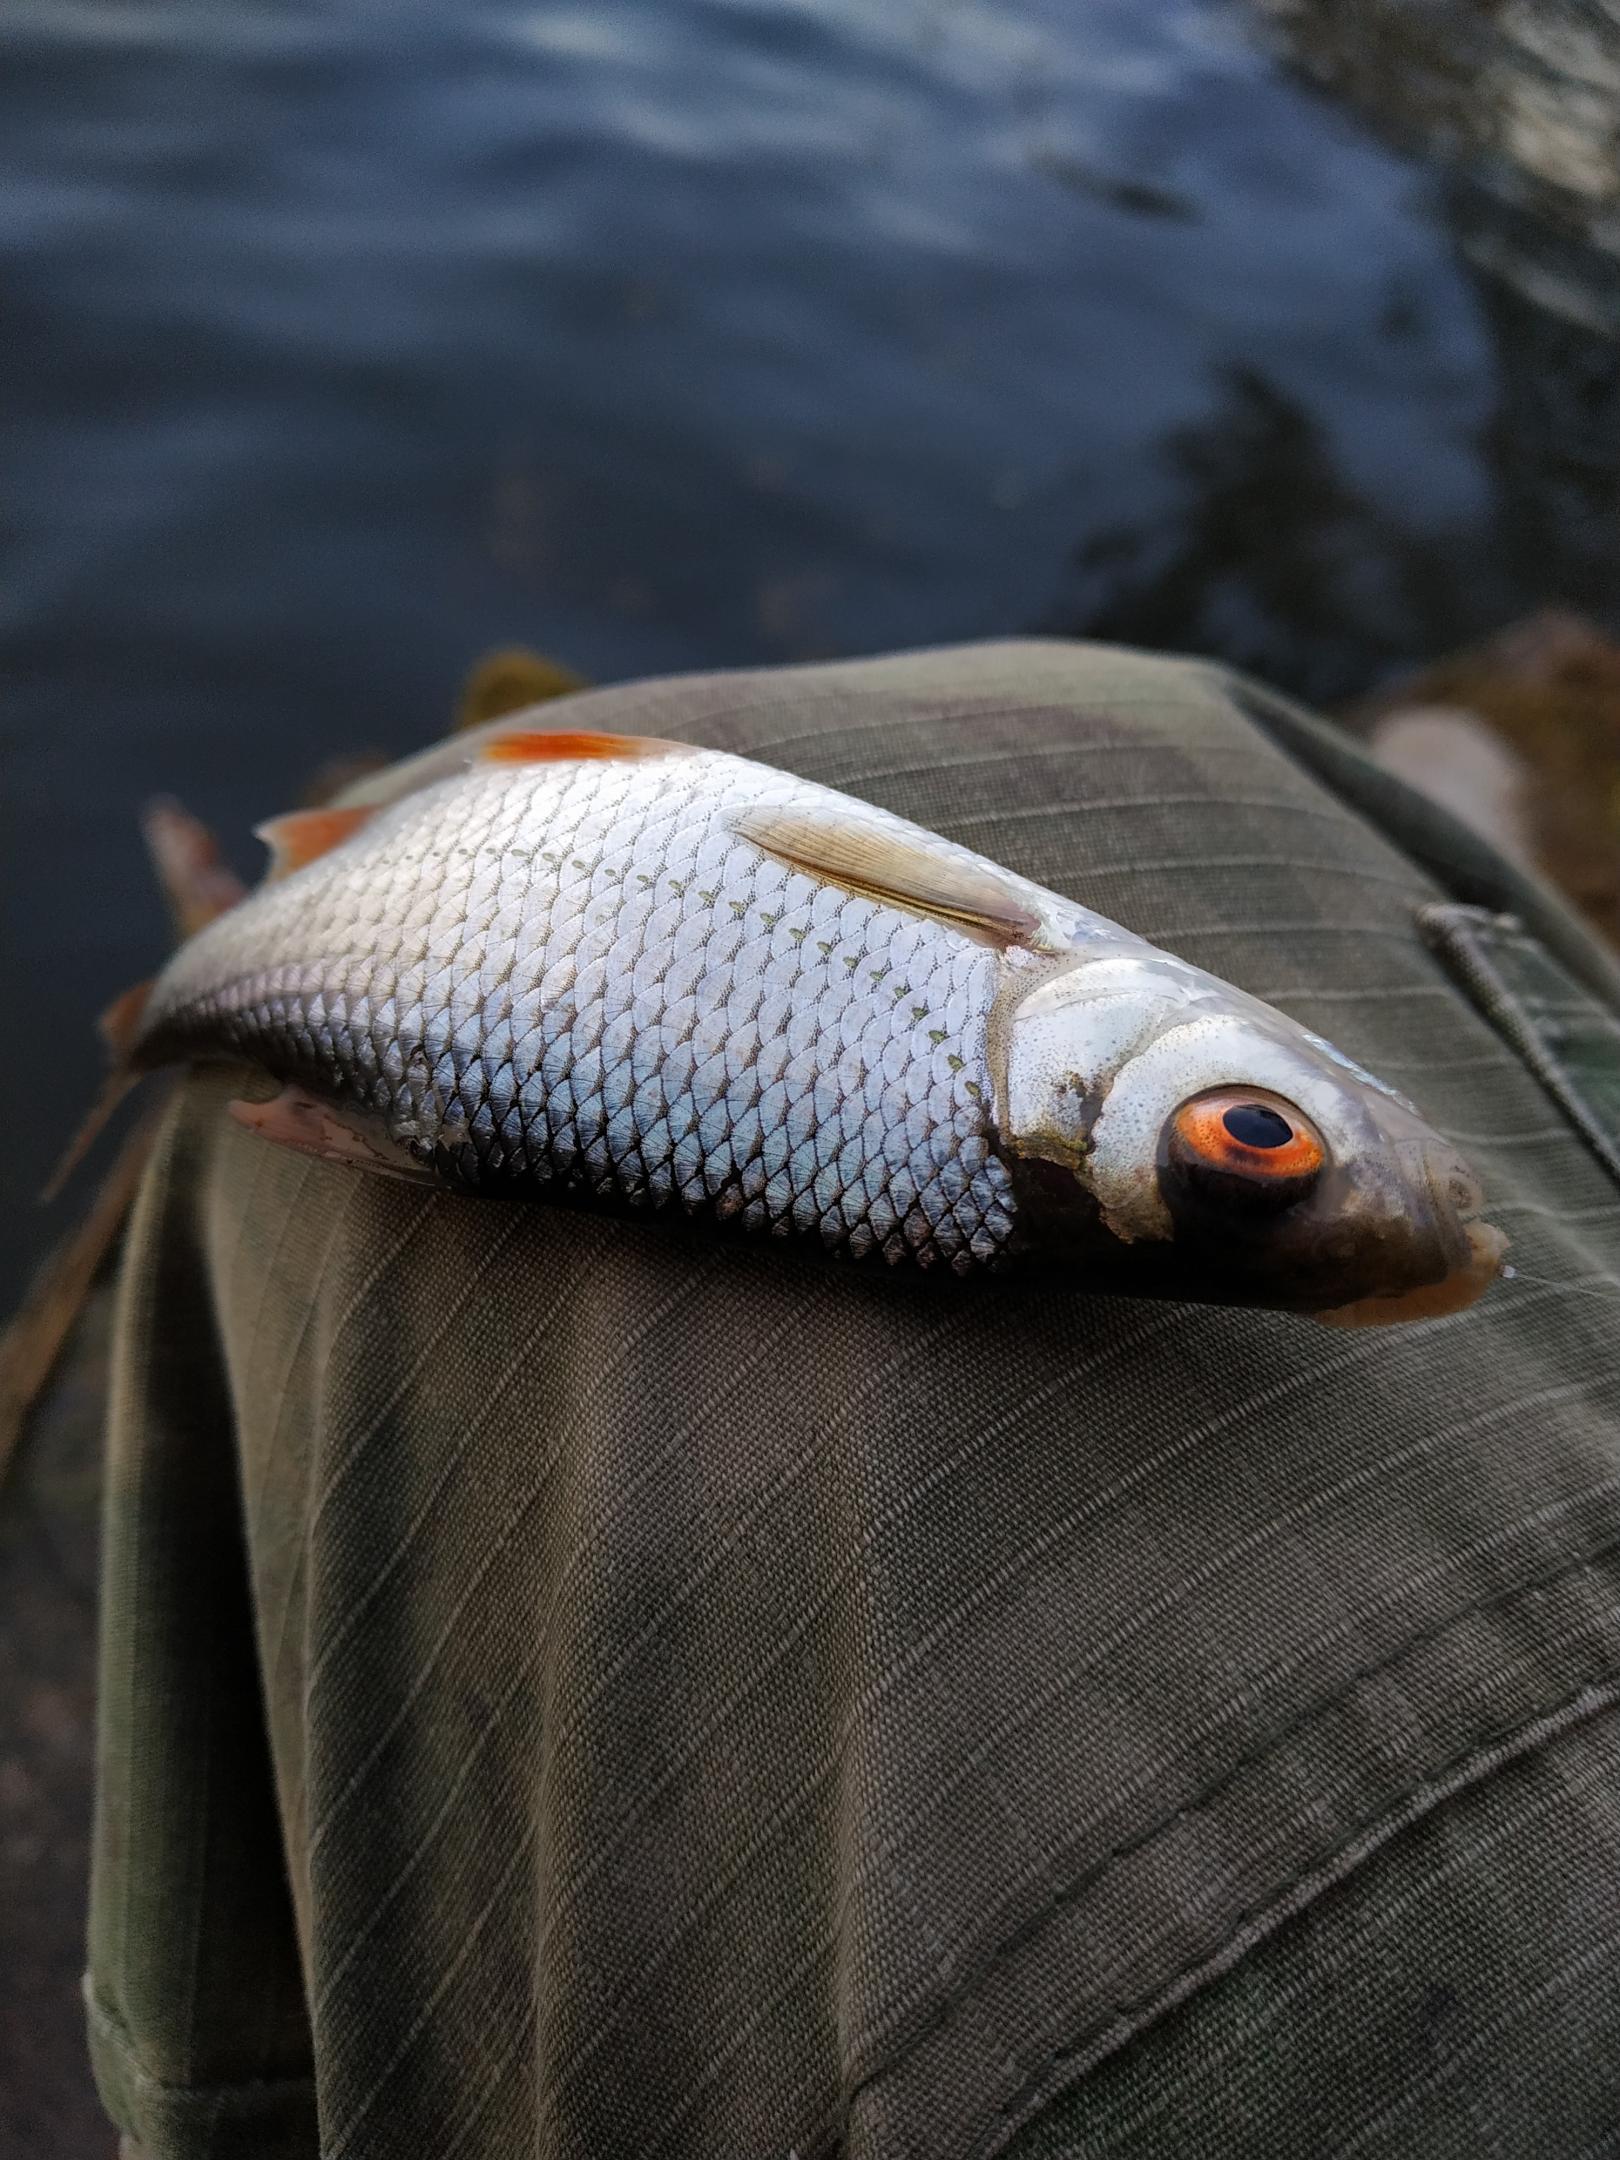 Сильный ветер не позволил ловить на привычном месте ...   Отчеты о рыбалке в Беларуси